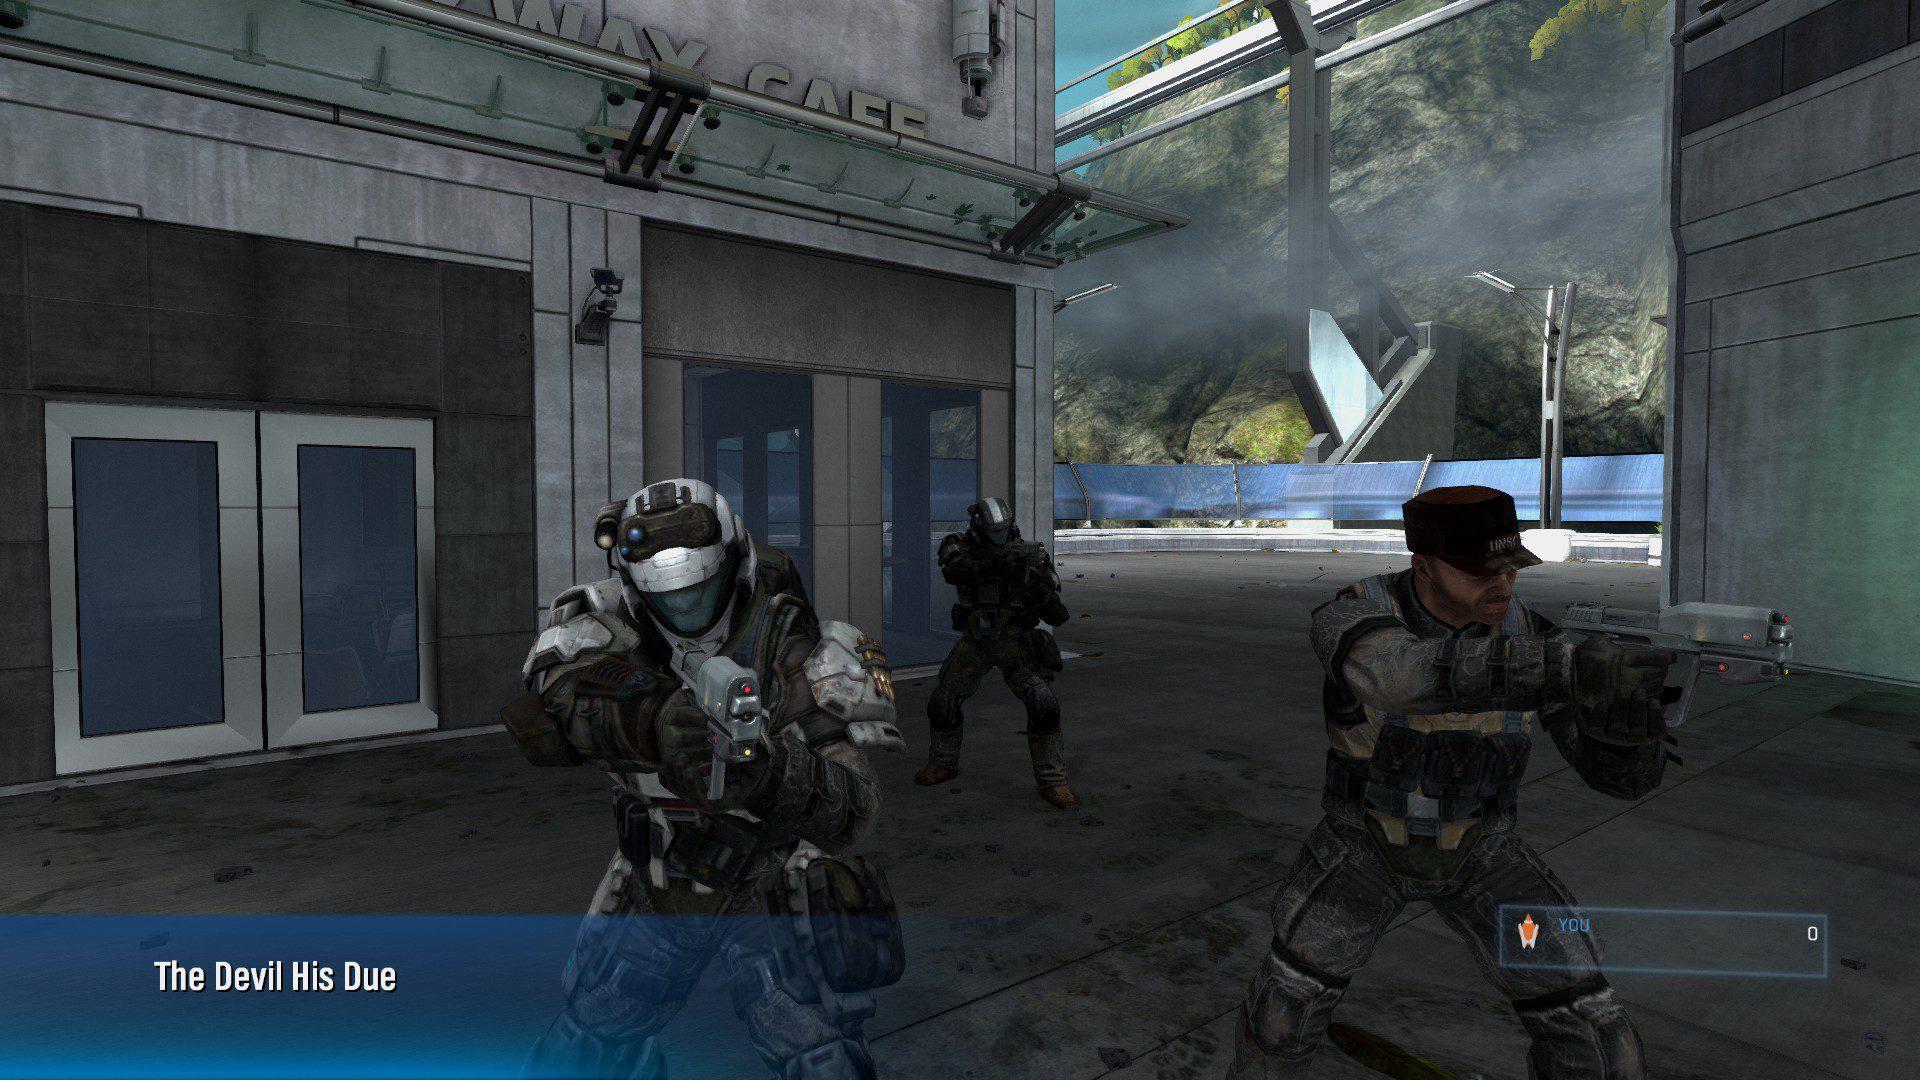 Un mod de Halo: Reach permite jugar la campaña como ODST